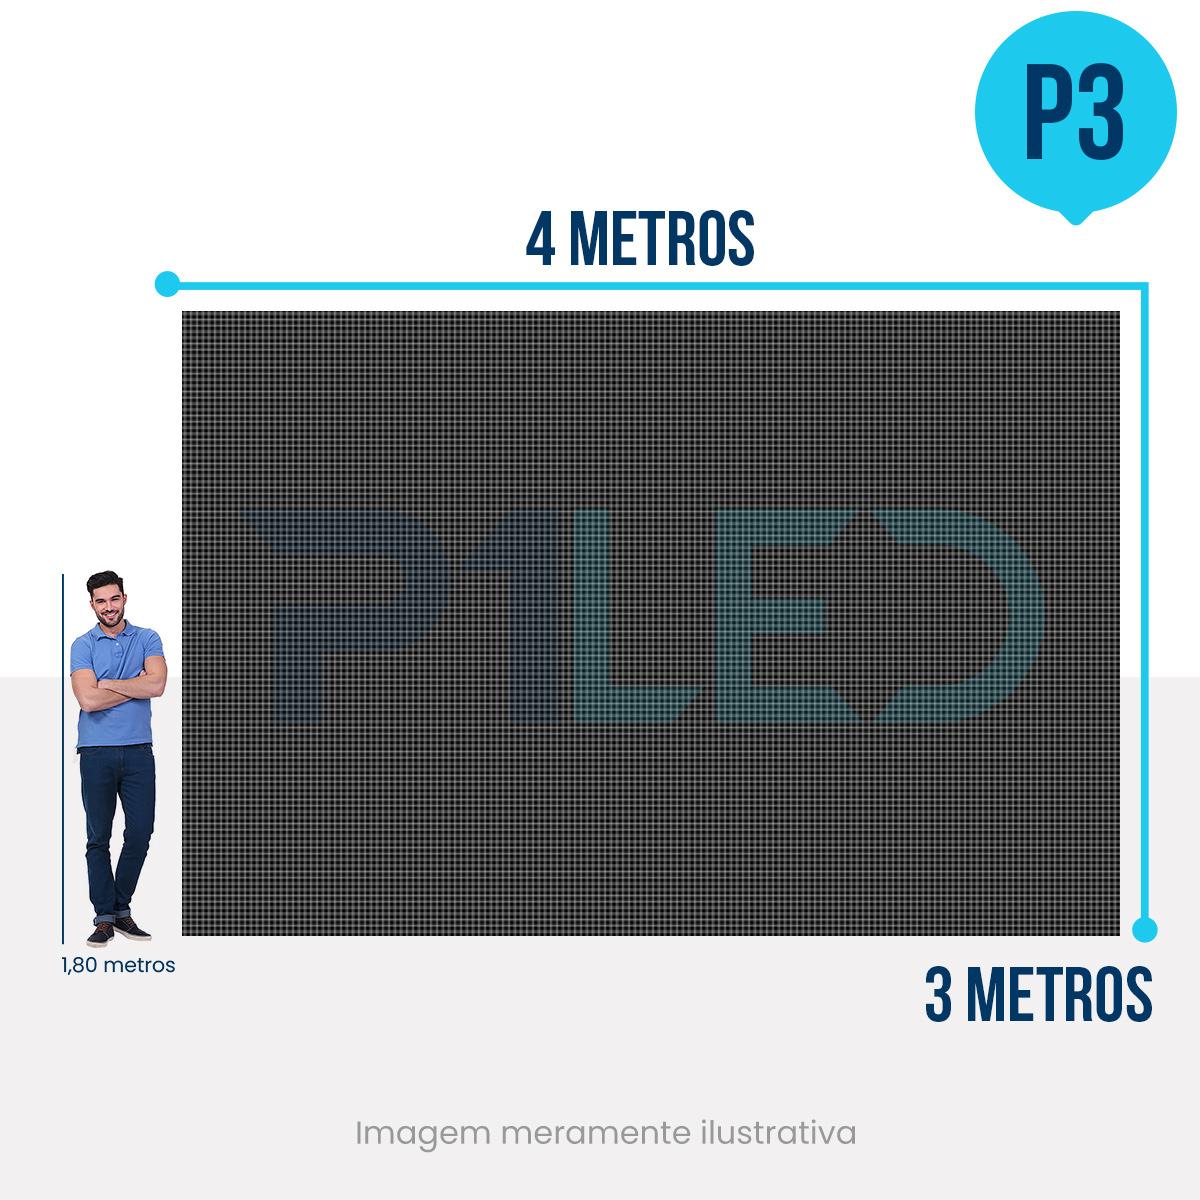 Painel de LED para Lojas e Comércios 4x3 - Telão P3 Indoor  - Painel e Telão de LED - O Melhor Preço em Painel de LED   P1LED